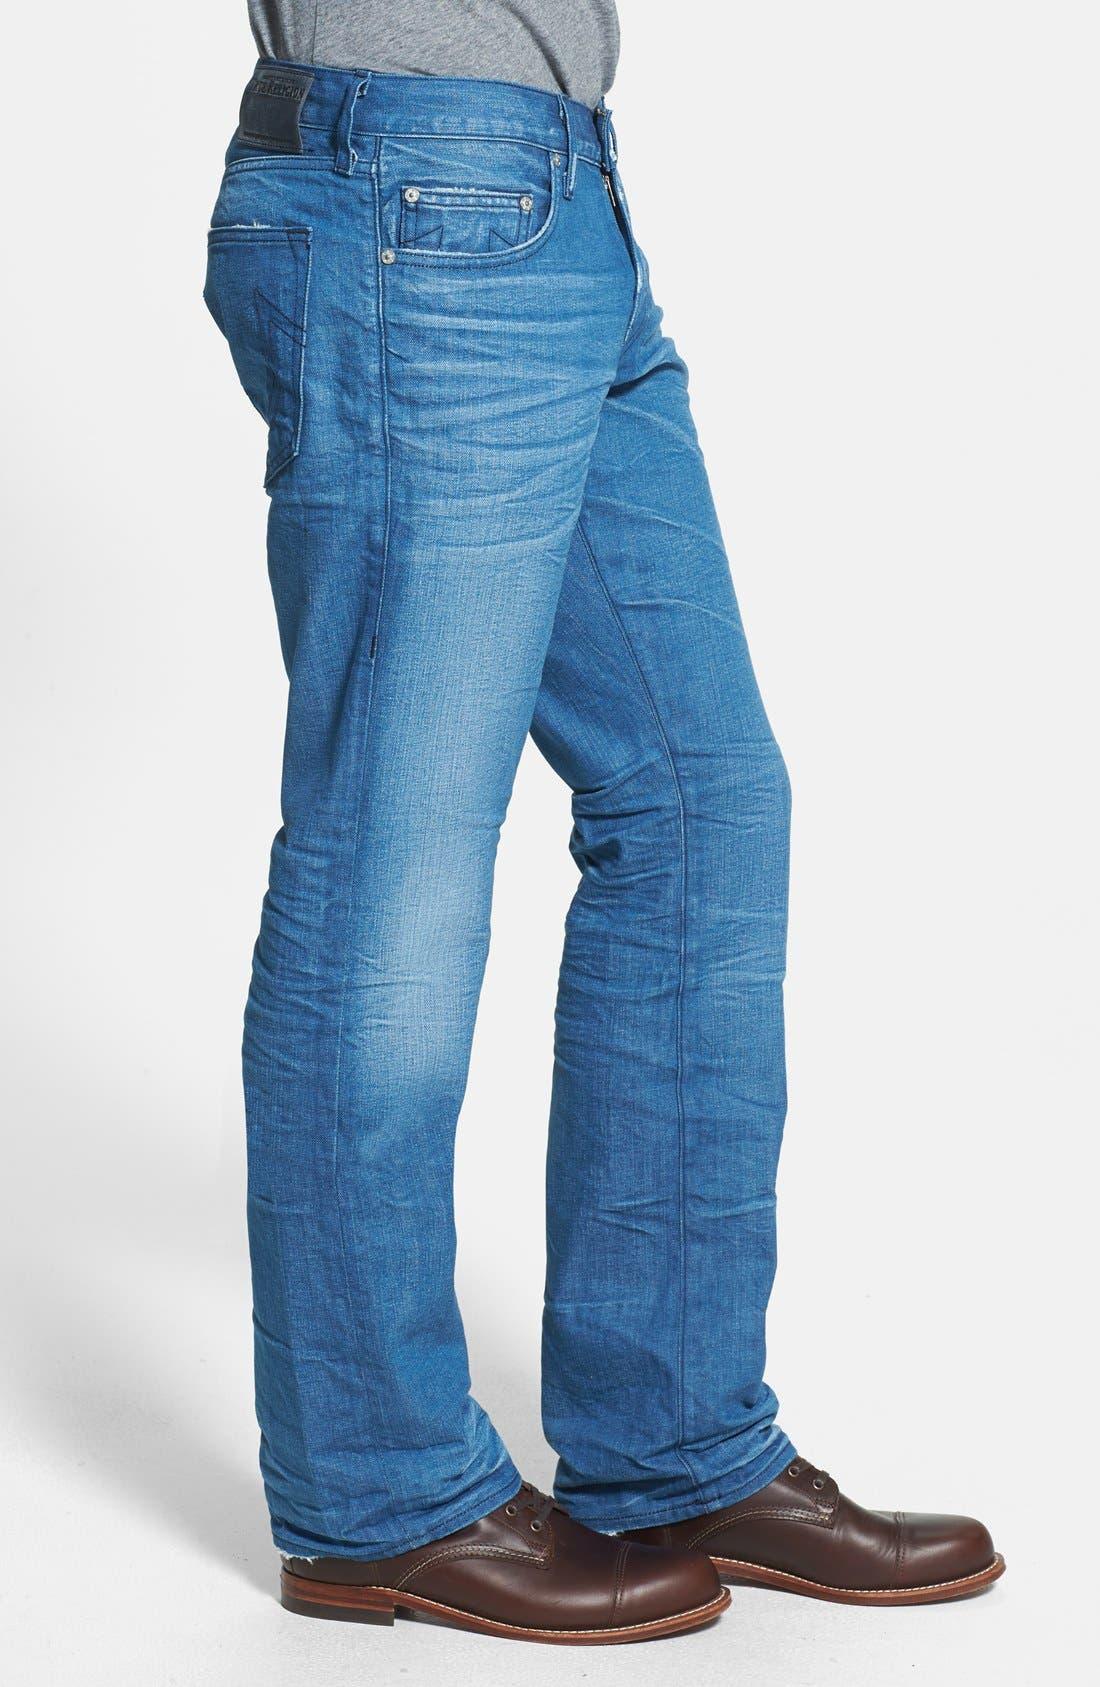 Alternate Image 3  - True Religion Brand Jeans 'Bobby' Straight Leg Jeans (Azql Blue Caps)